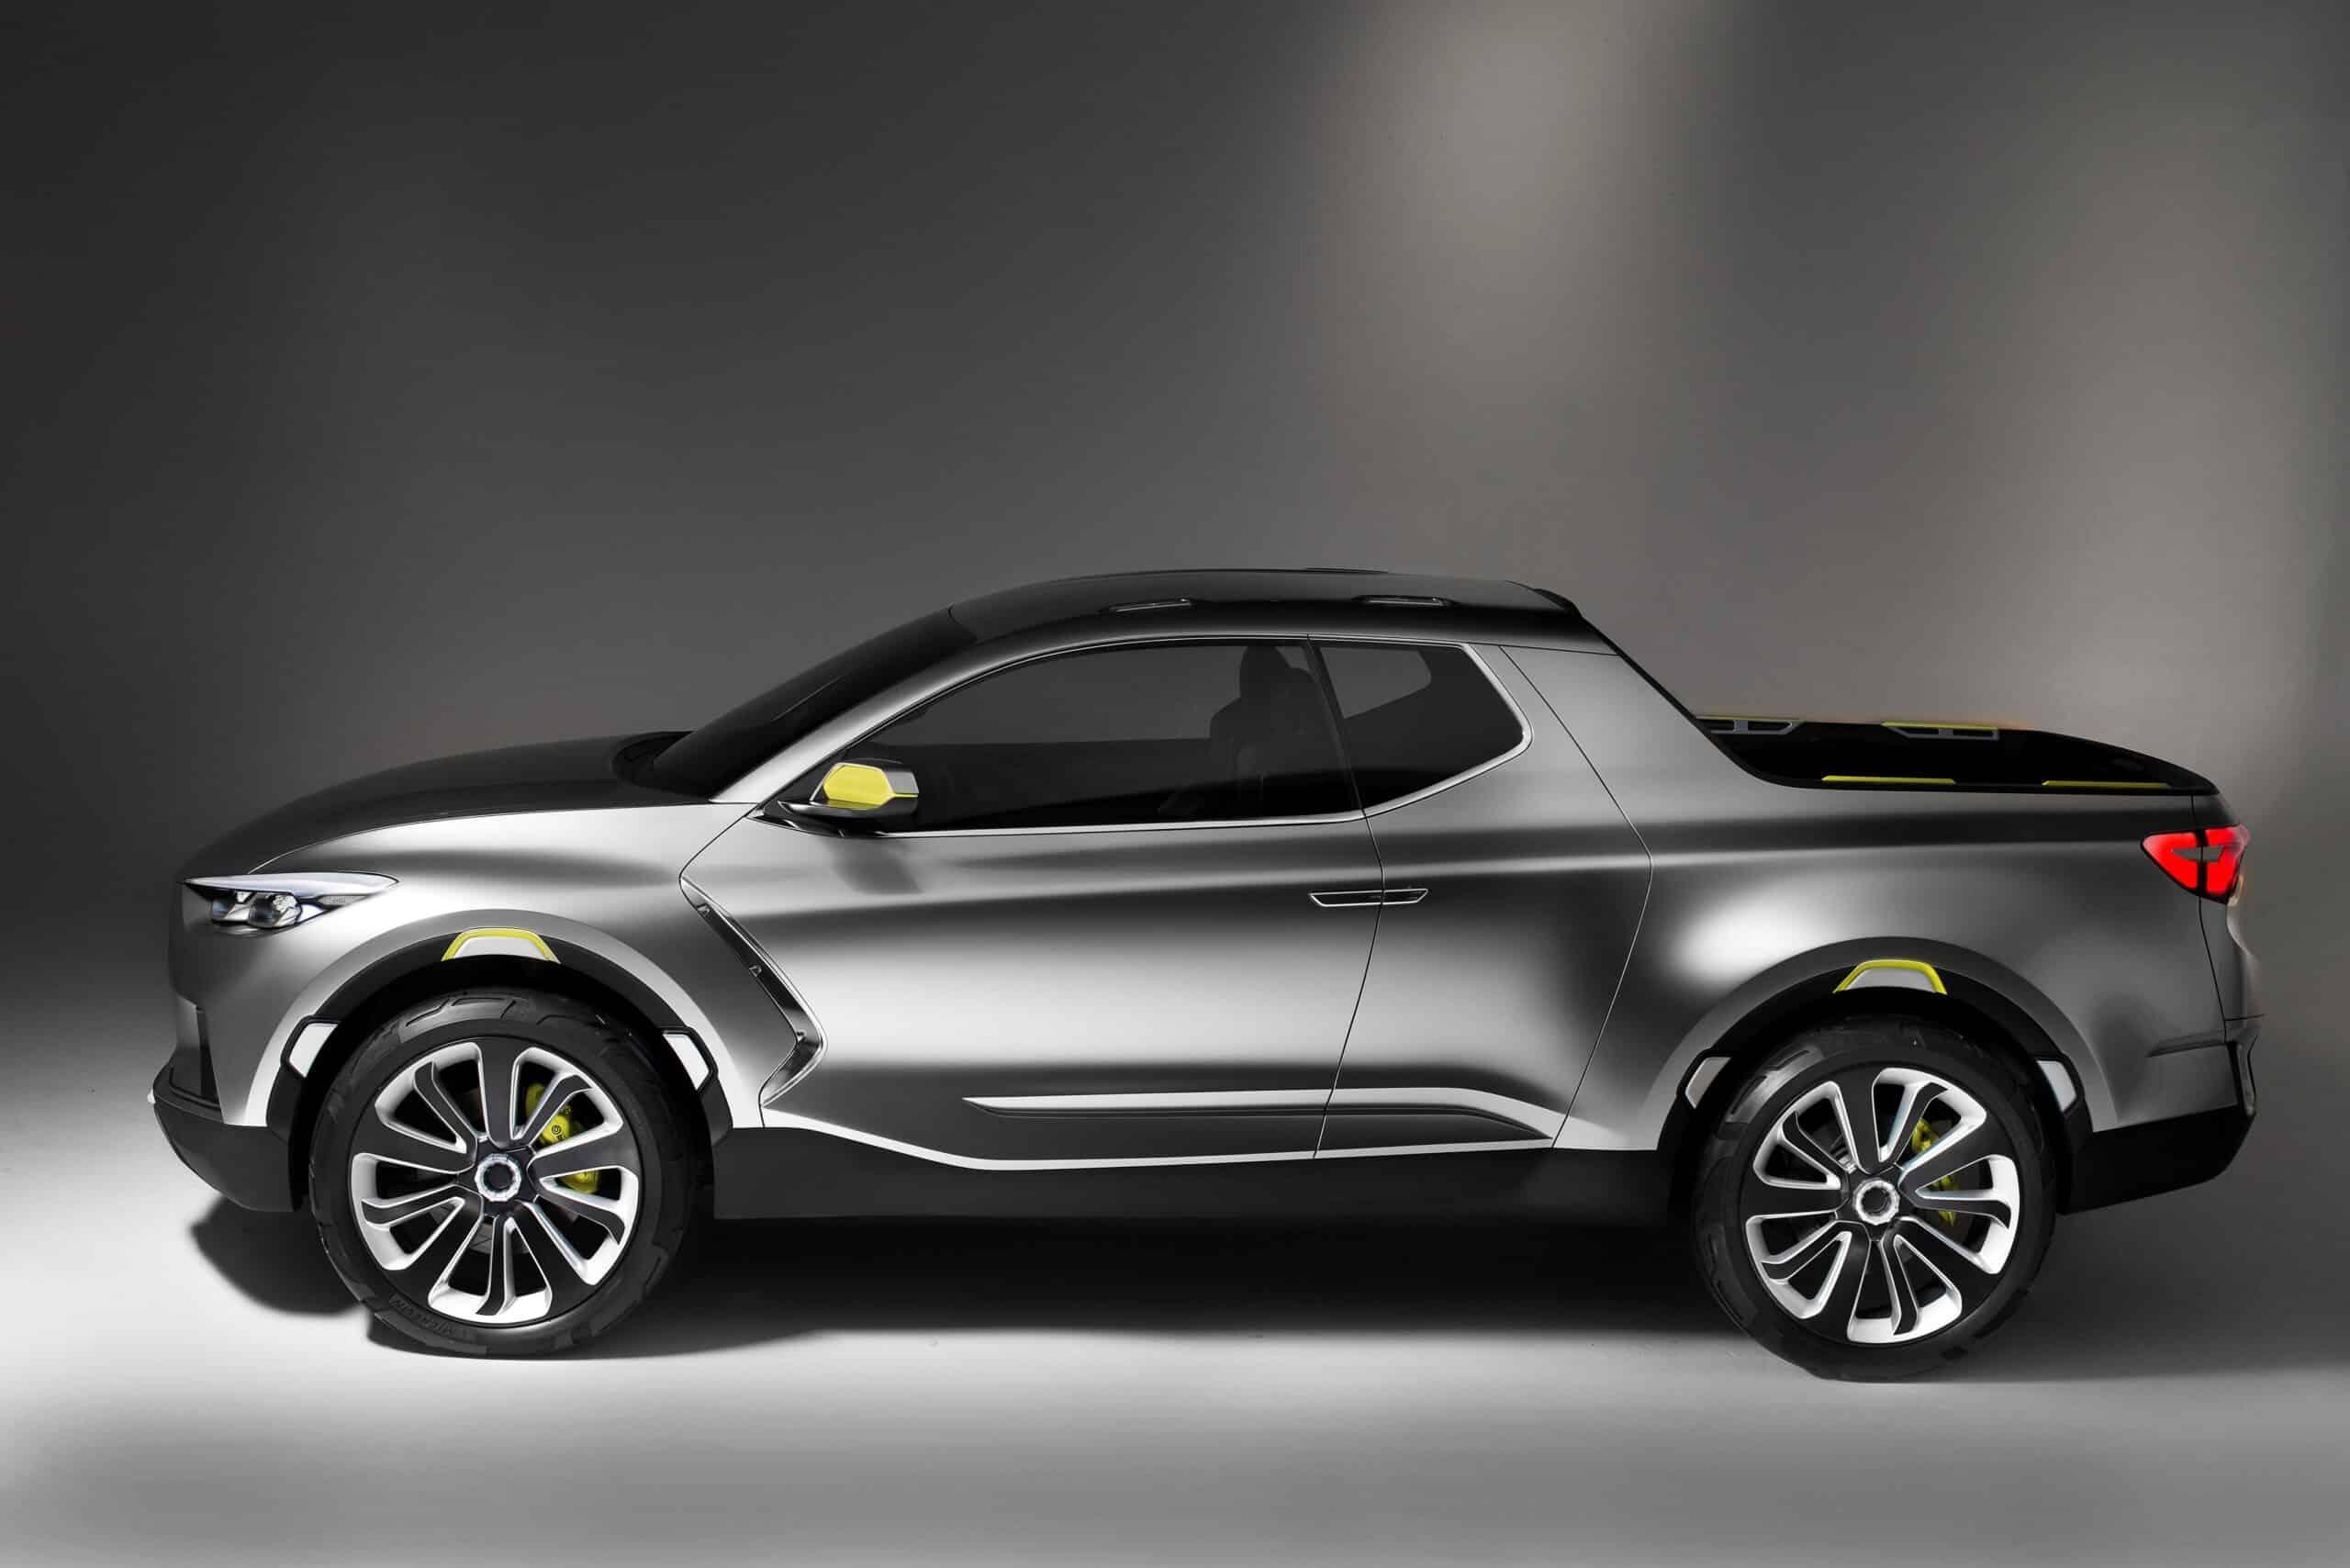 Tendencias que verás próximamente en los autos nuevos